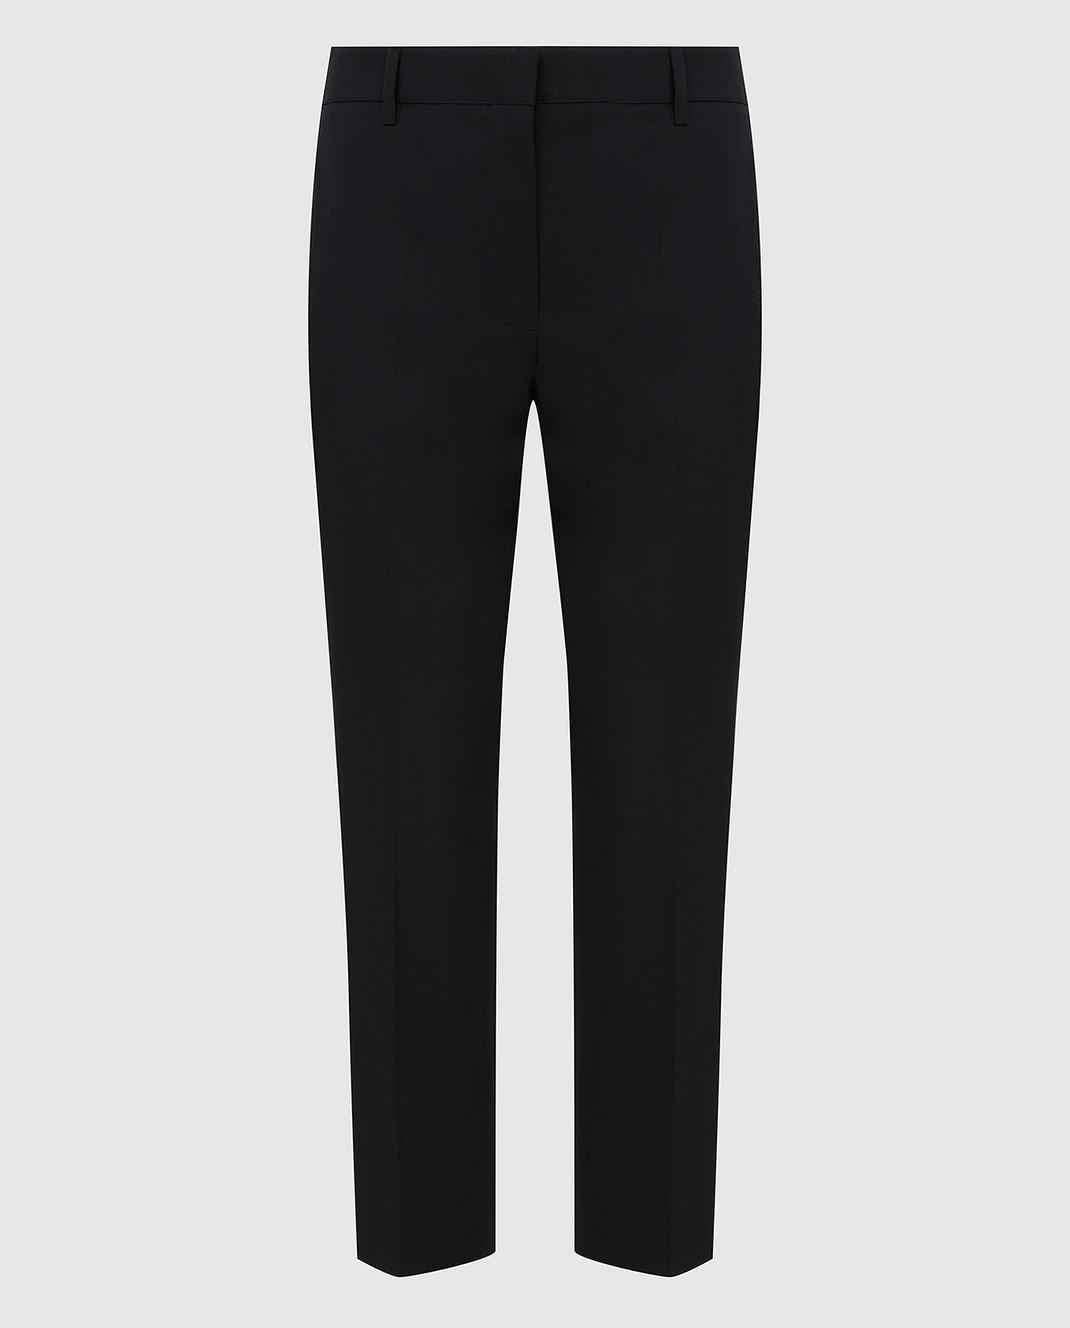 Lanvin Черные брюки из шерсти изображение 1